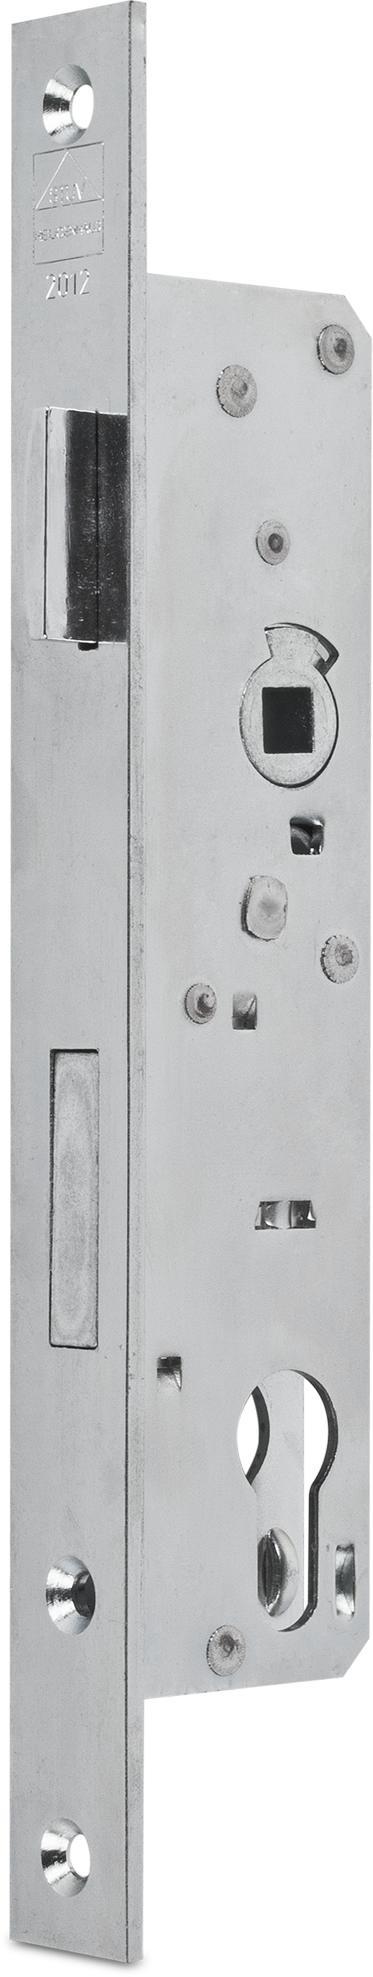 Einsteckschloss mit Wechsel, Dornmaß 24 mm, Entfernung 92 mm, Vierkantnuss 8 mm, Falle und Riegel bündig, DIN rechts